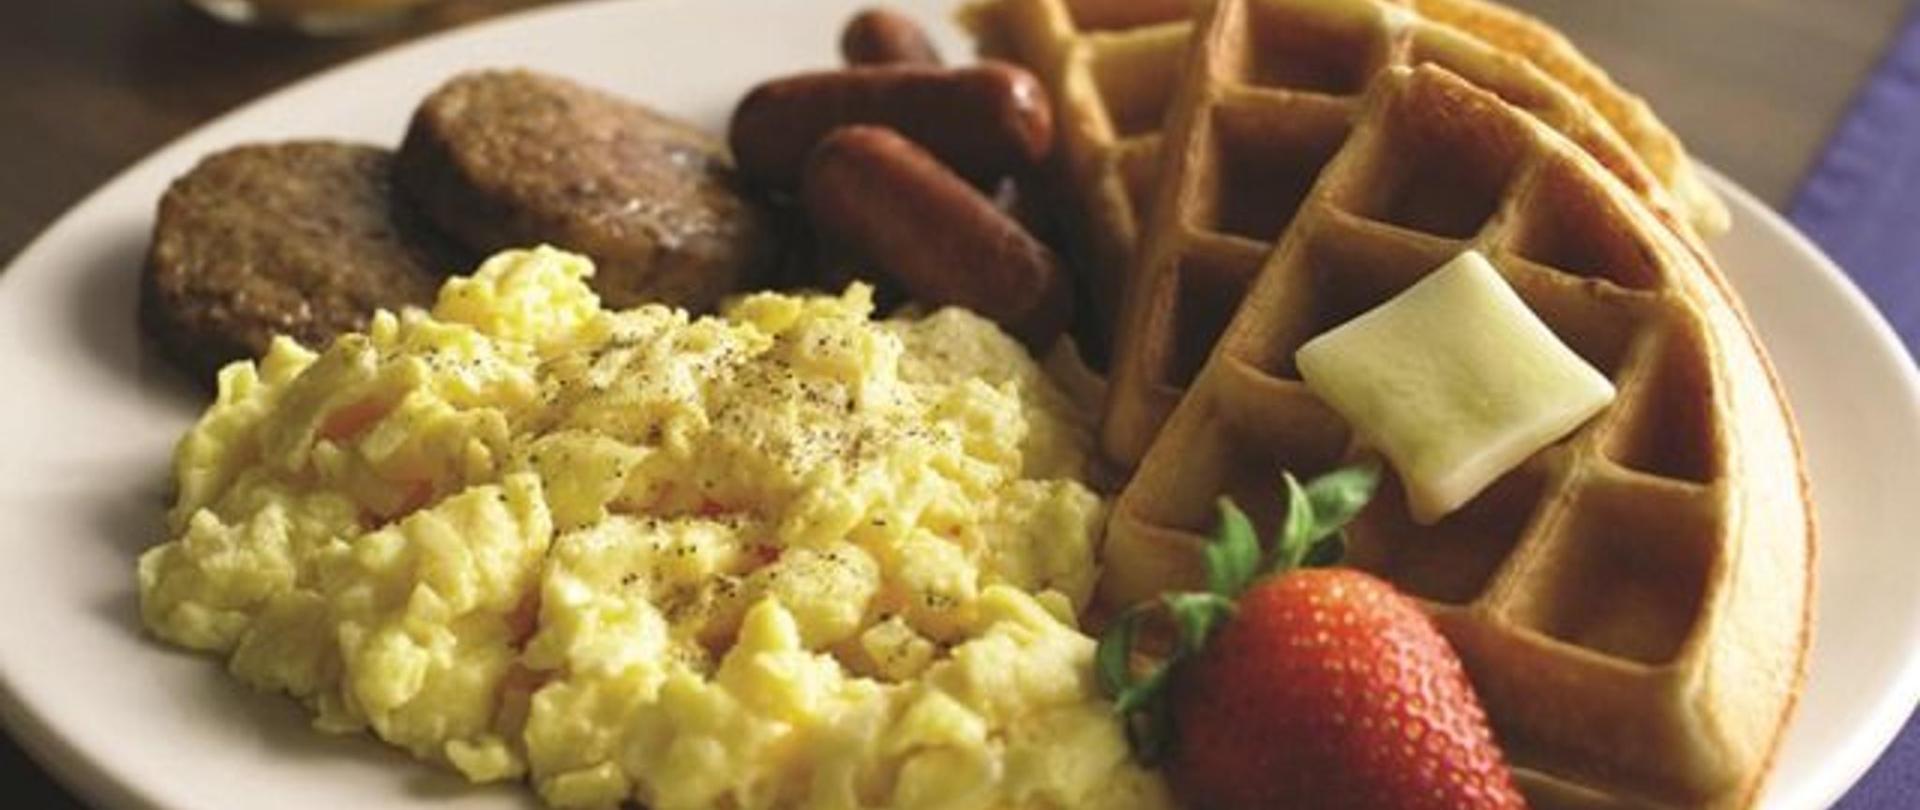 votre-petit-déjeuner-chaud-et-ready1.jpg